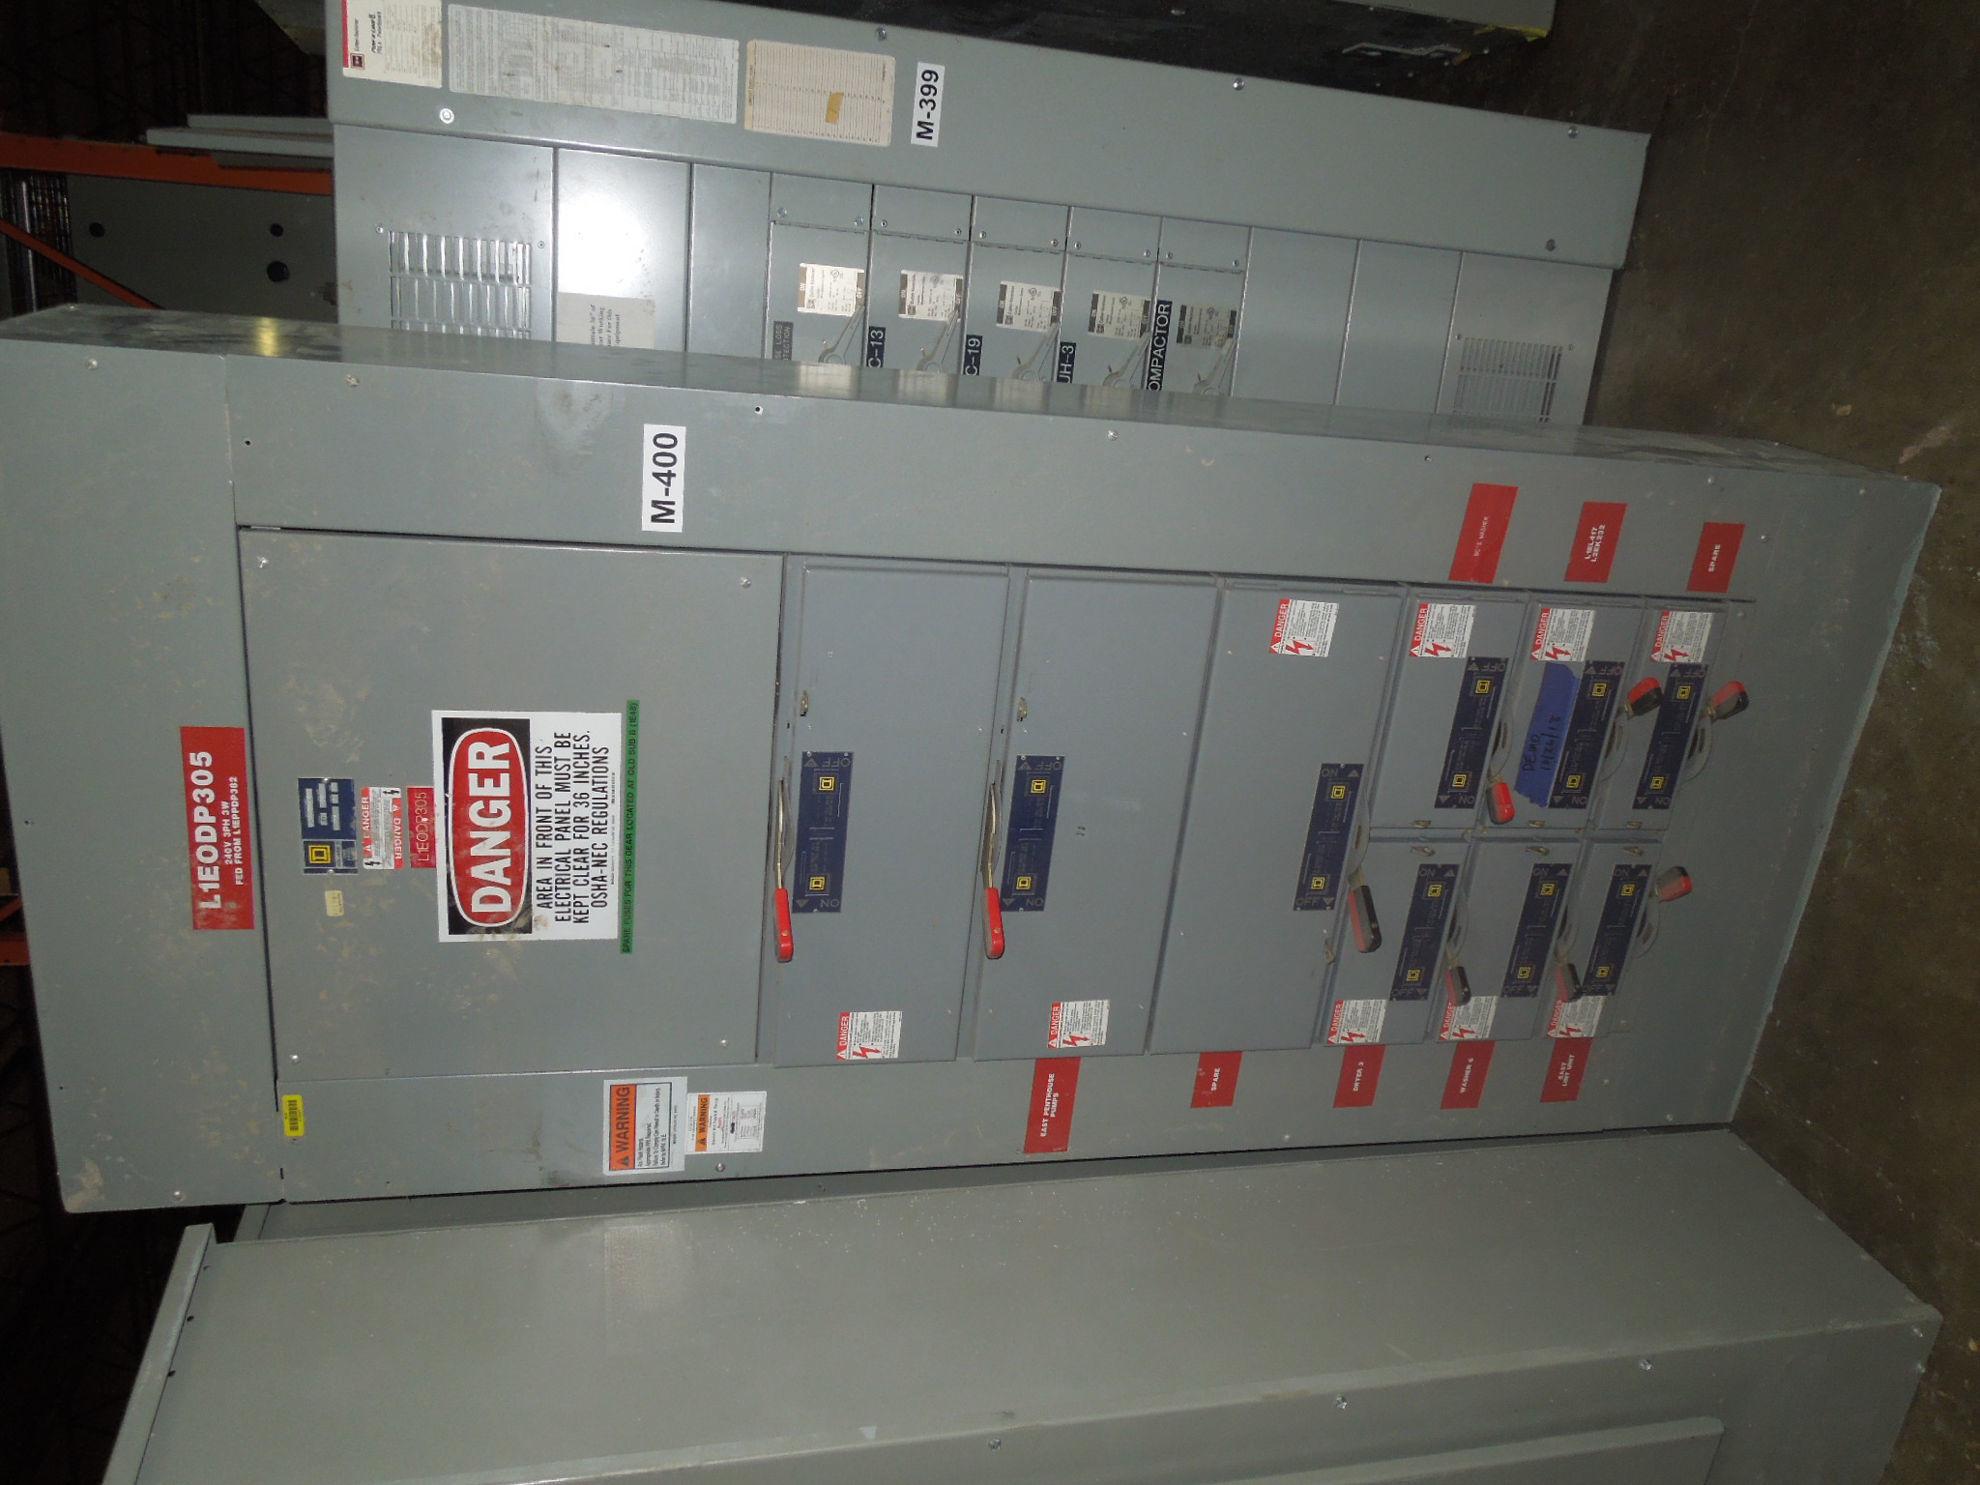 Picture of Square D QMB Panelboard MLO 400 Amp 240 Volt (3W) NEMA 1